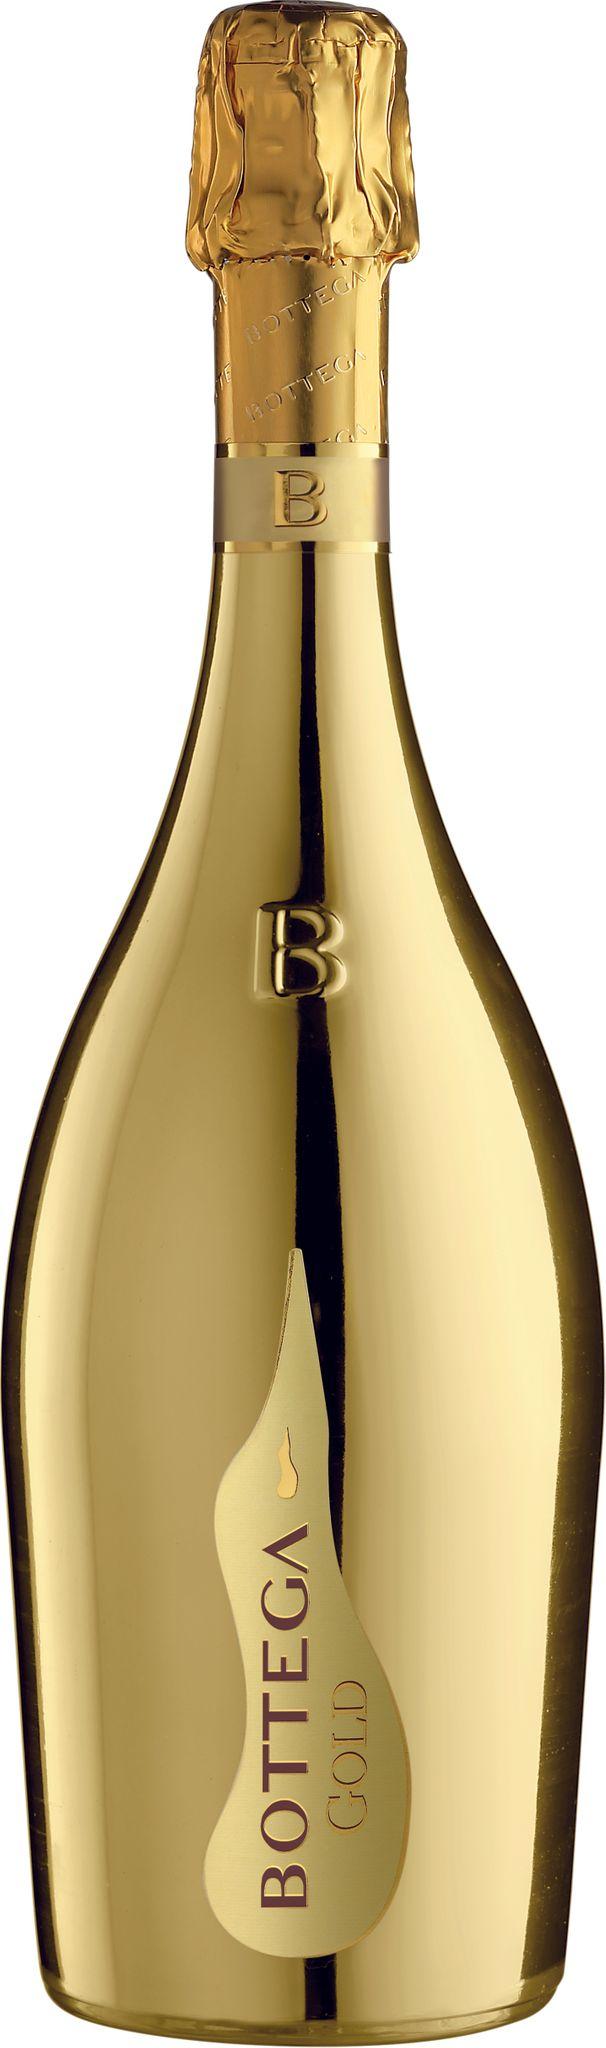 Produktbild på Bottega Gold